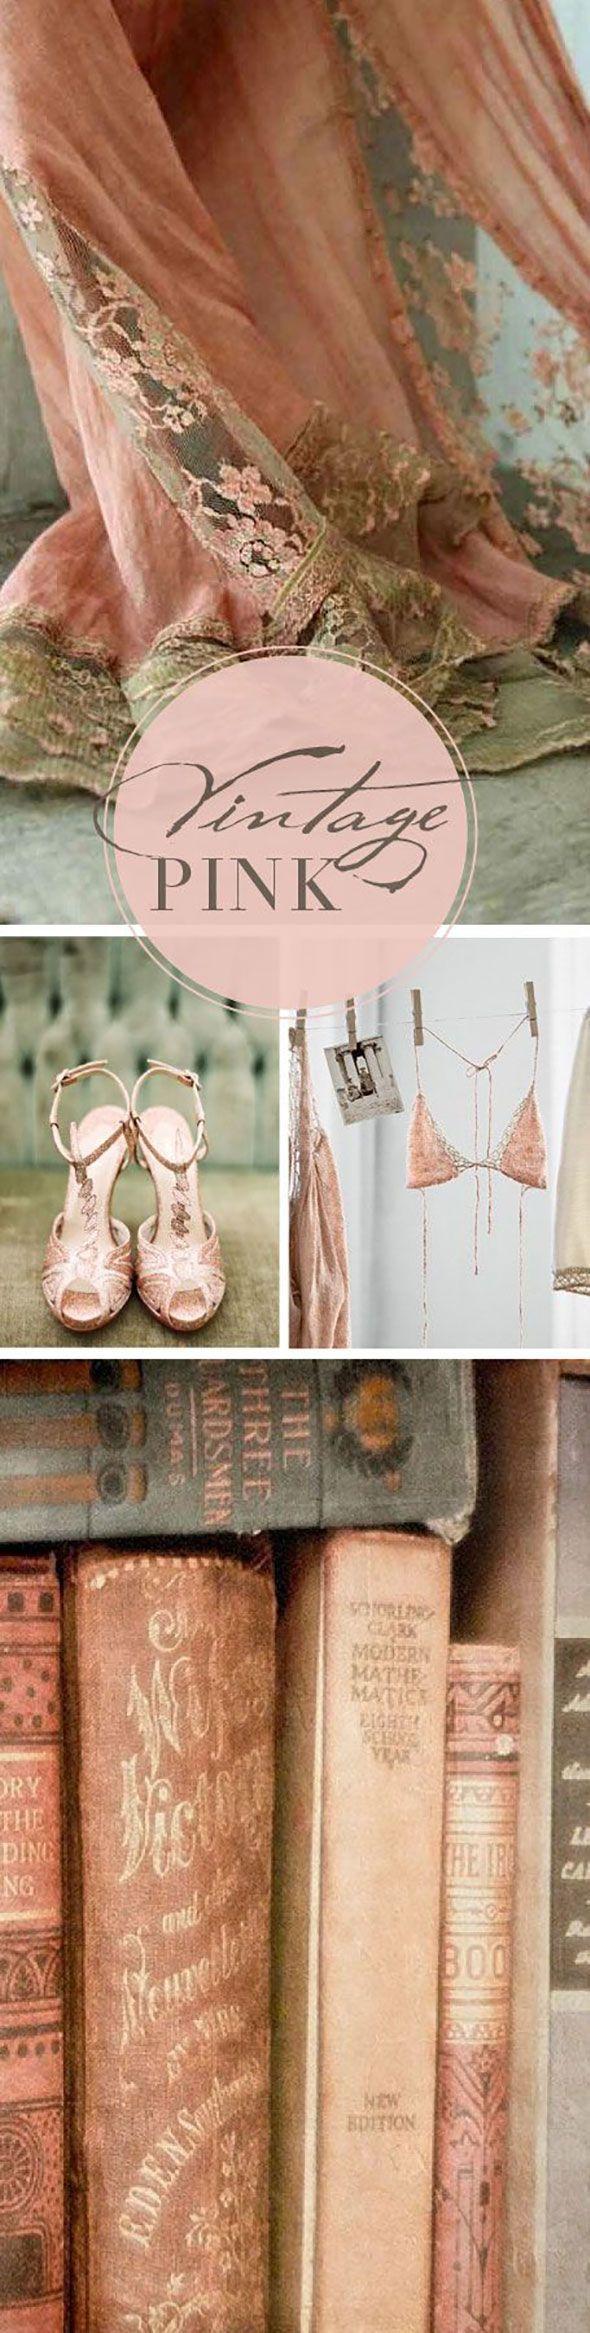 Pastellfarben Deko Modareji Vintage Pink Pink Love Pink